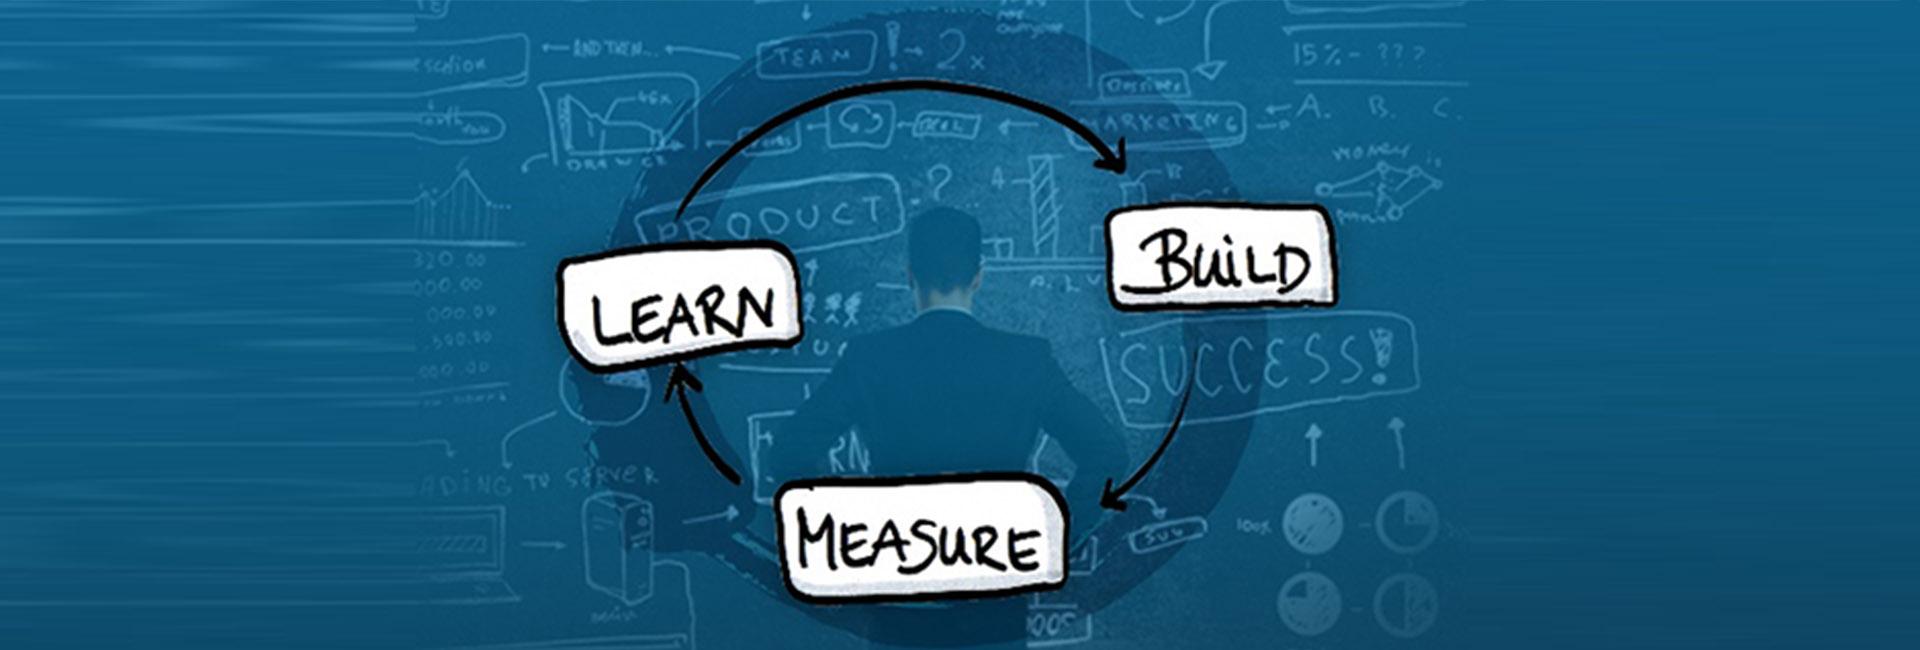 Startap projekat unutar kompanije – 5 lekcija koje treba znati prije početka